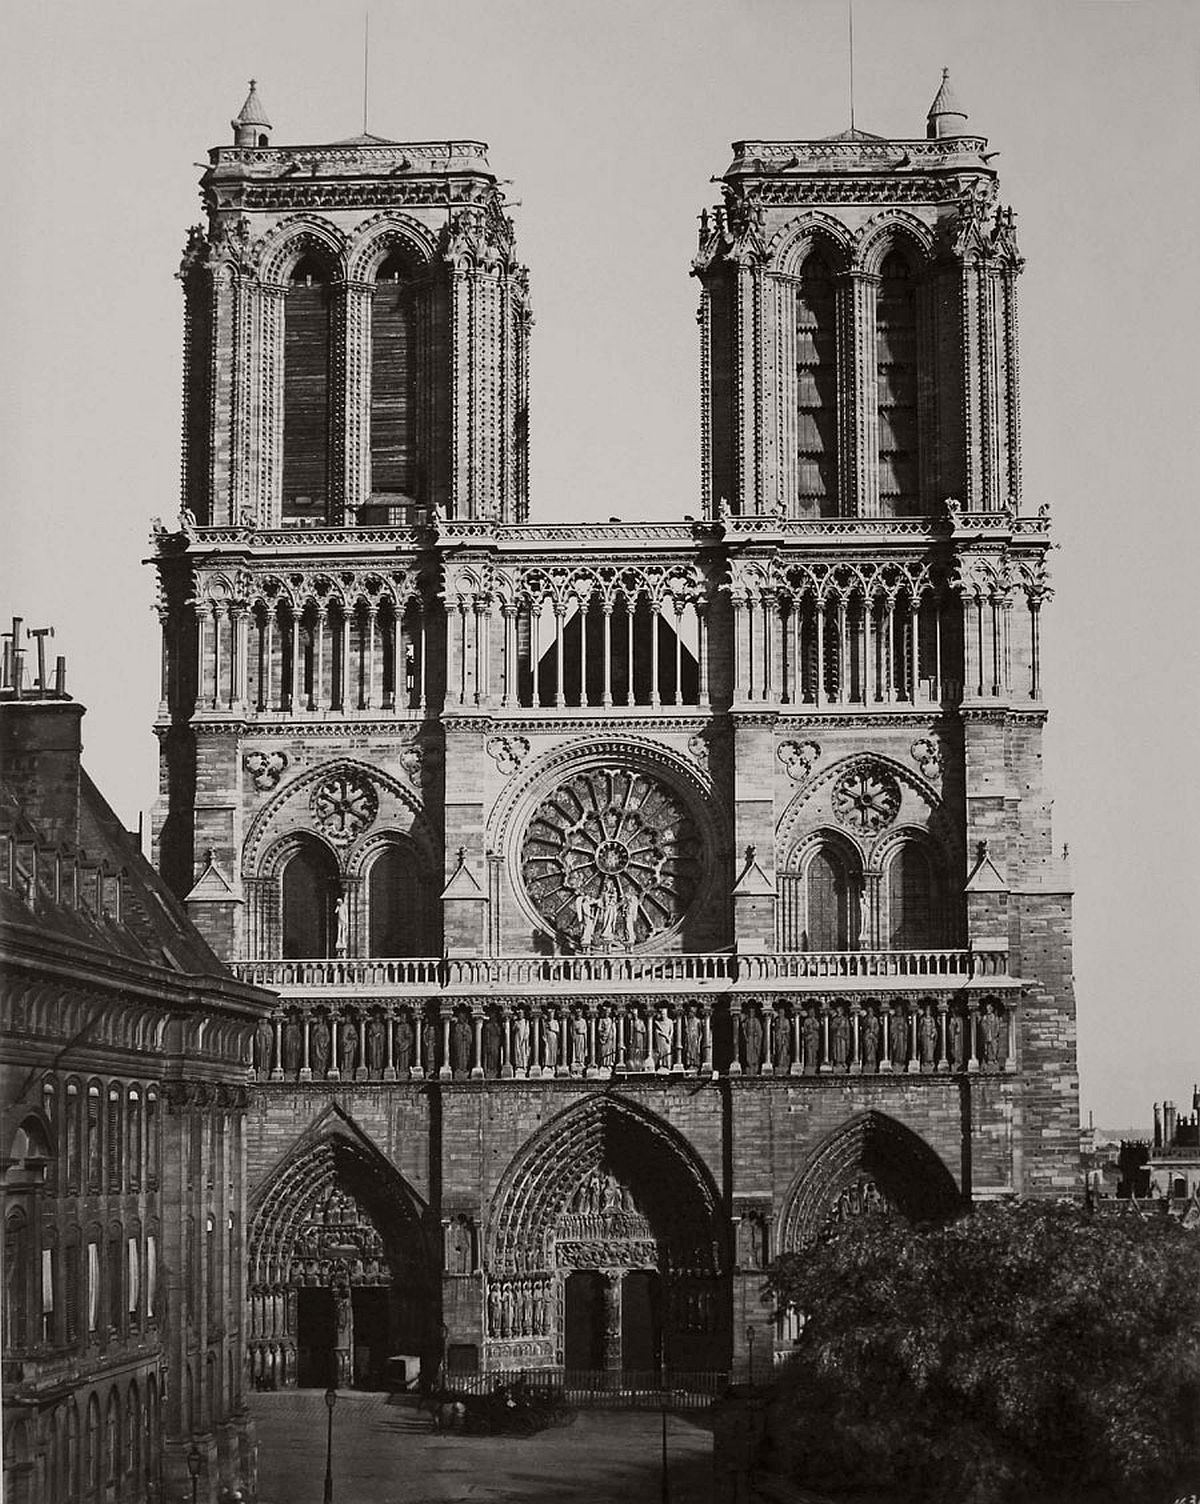 Edouard Baldus Notre Dame, Facade Principale, Paris 1857